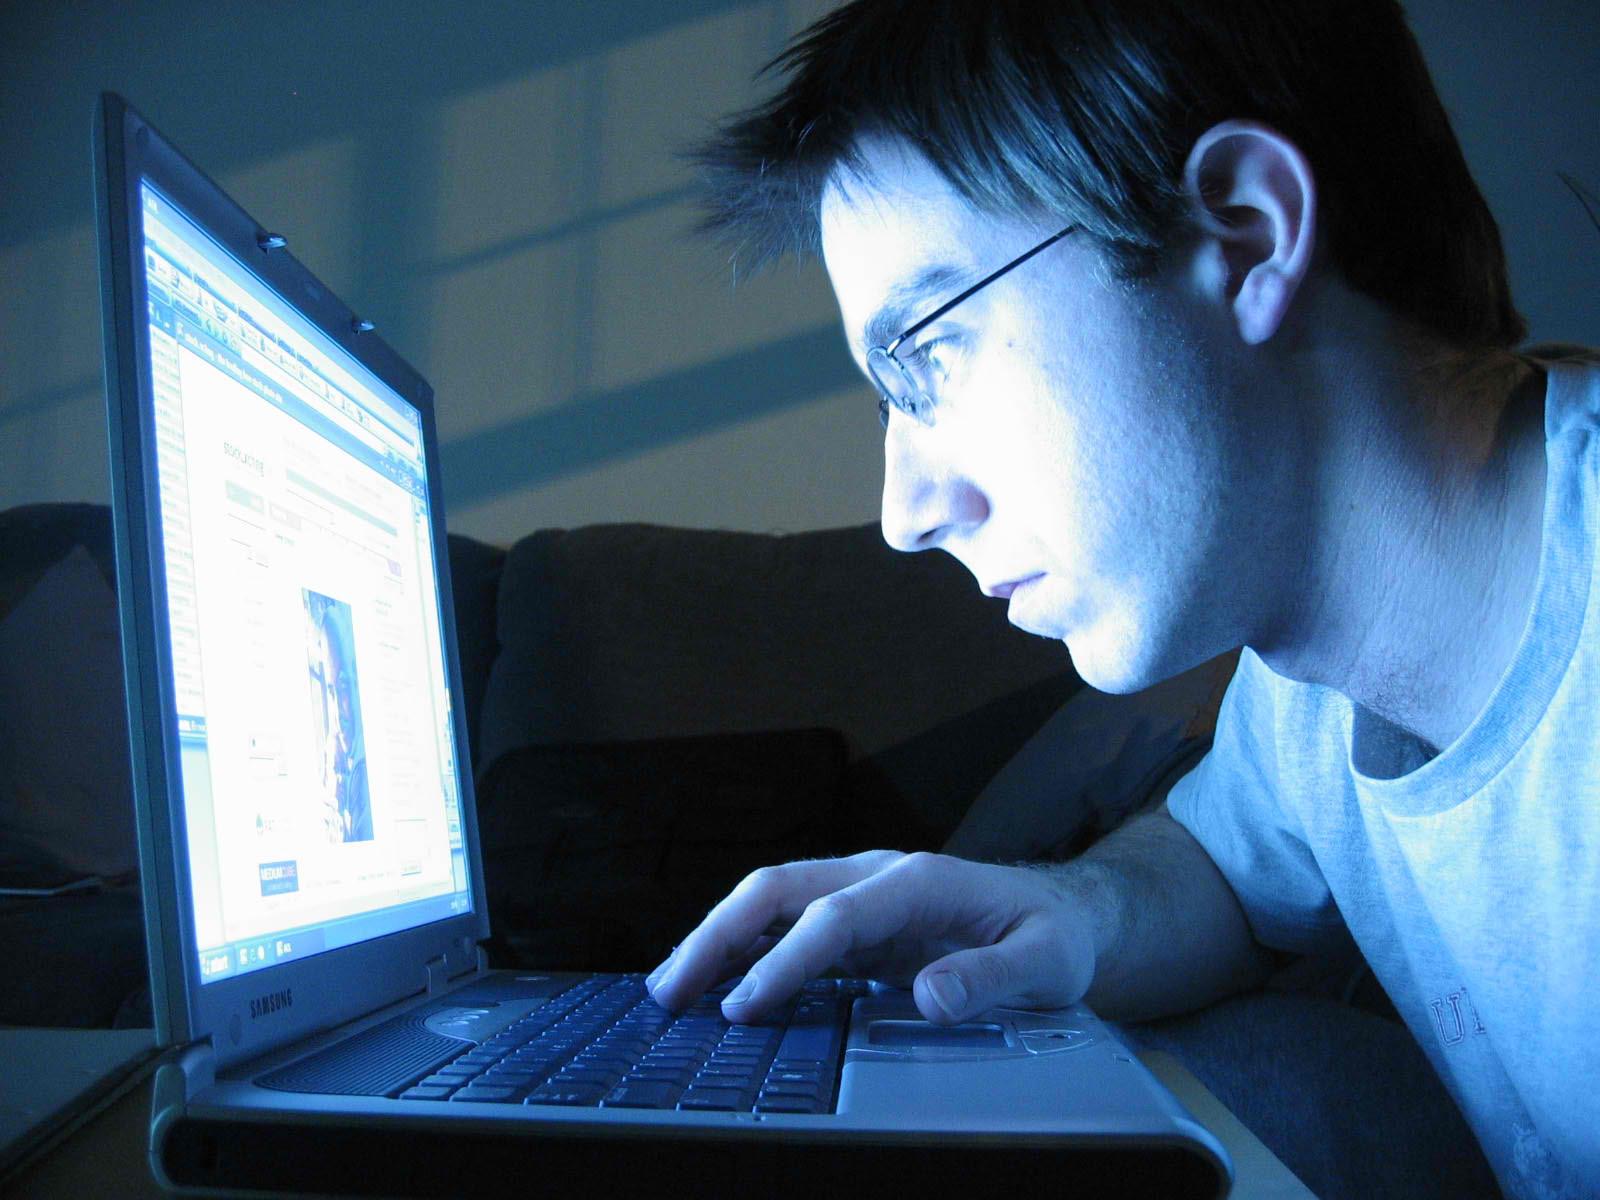 http://2.bp.blogspot.com/--wdn96duzHA/TumxfiCGd8I/AAAAAAAAAPo/SNcpAAtxmjk/s1600/cp.jpg